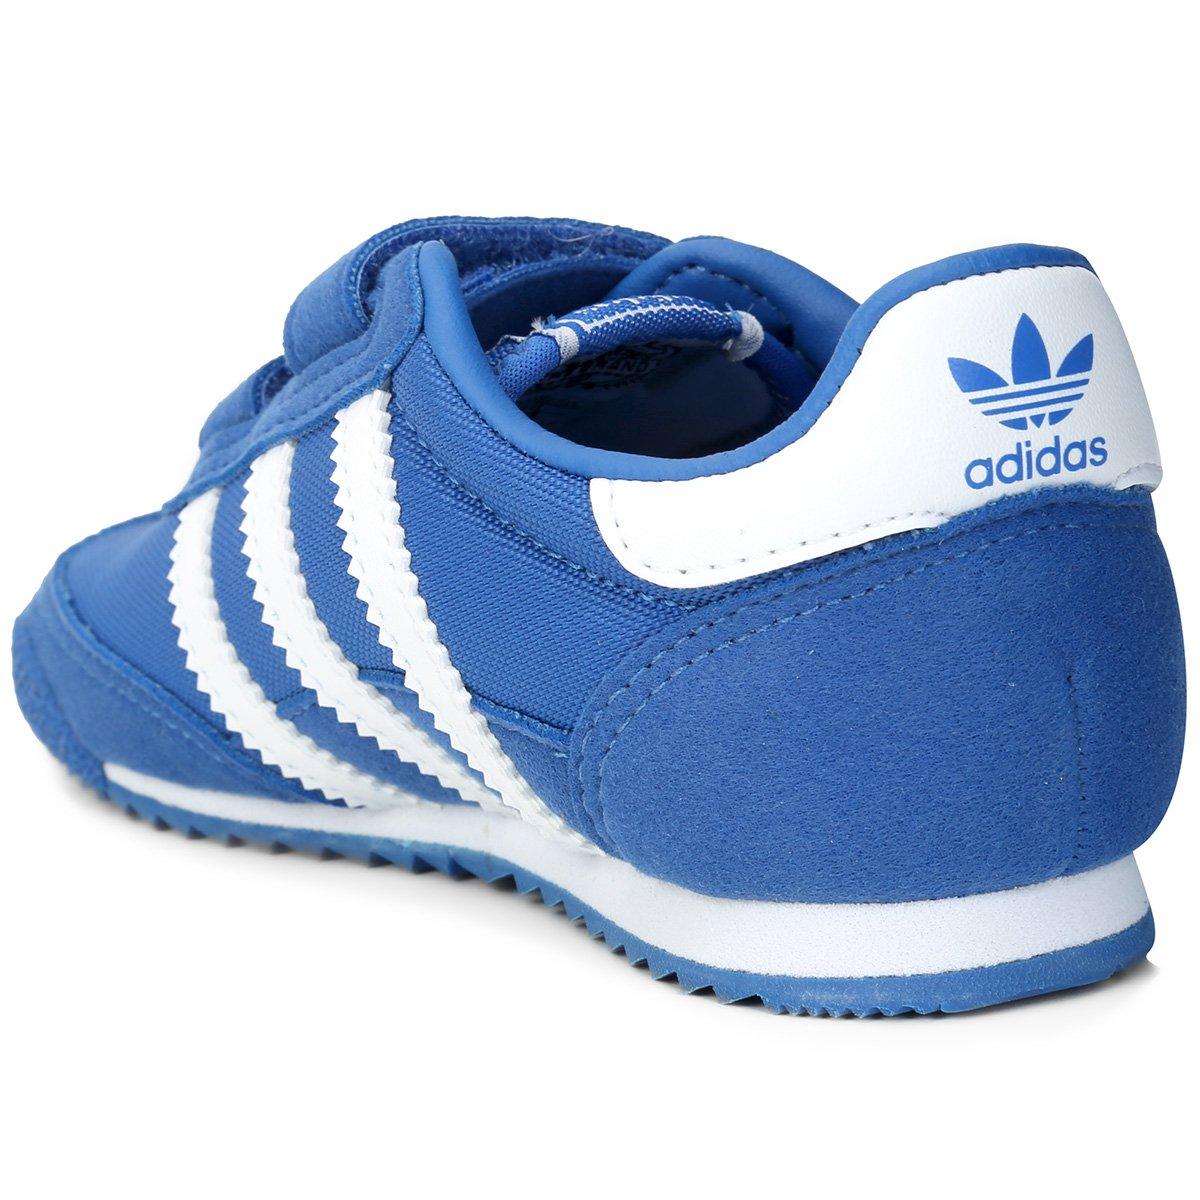 fe0736a4e3 Tênis Adidas Dragon Og Cf Infantil - Azul - Compre Agora